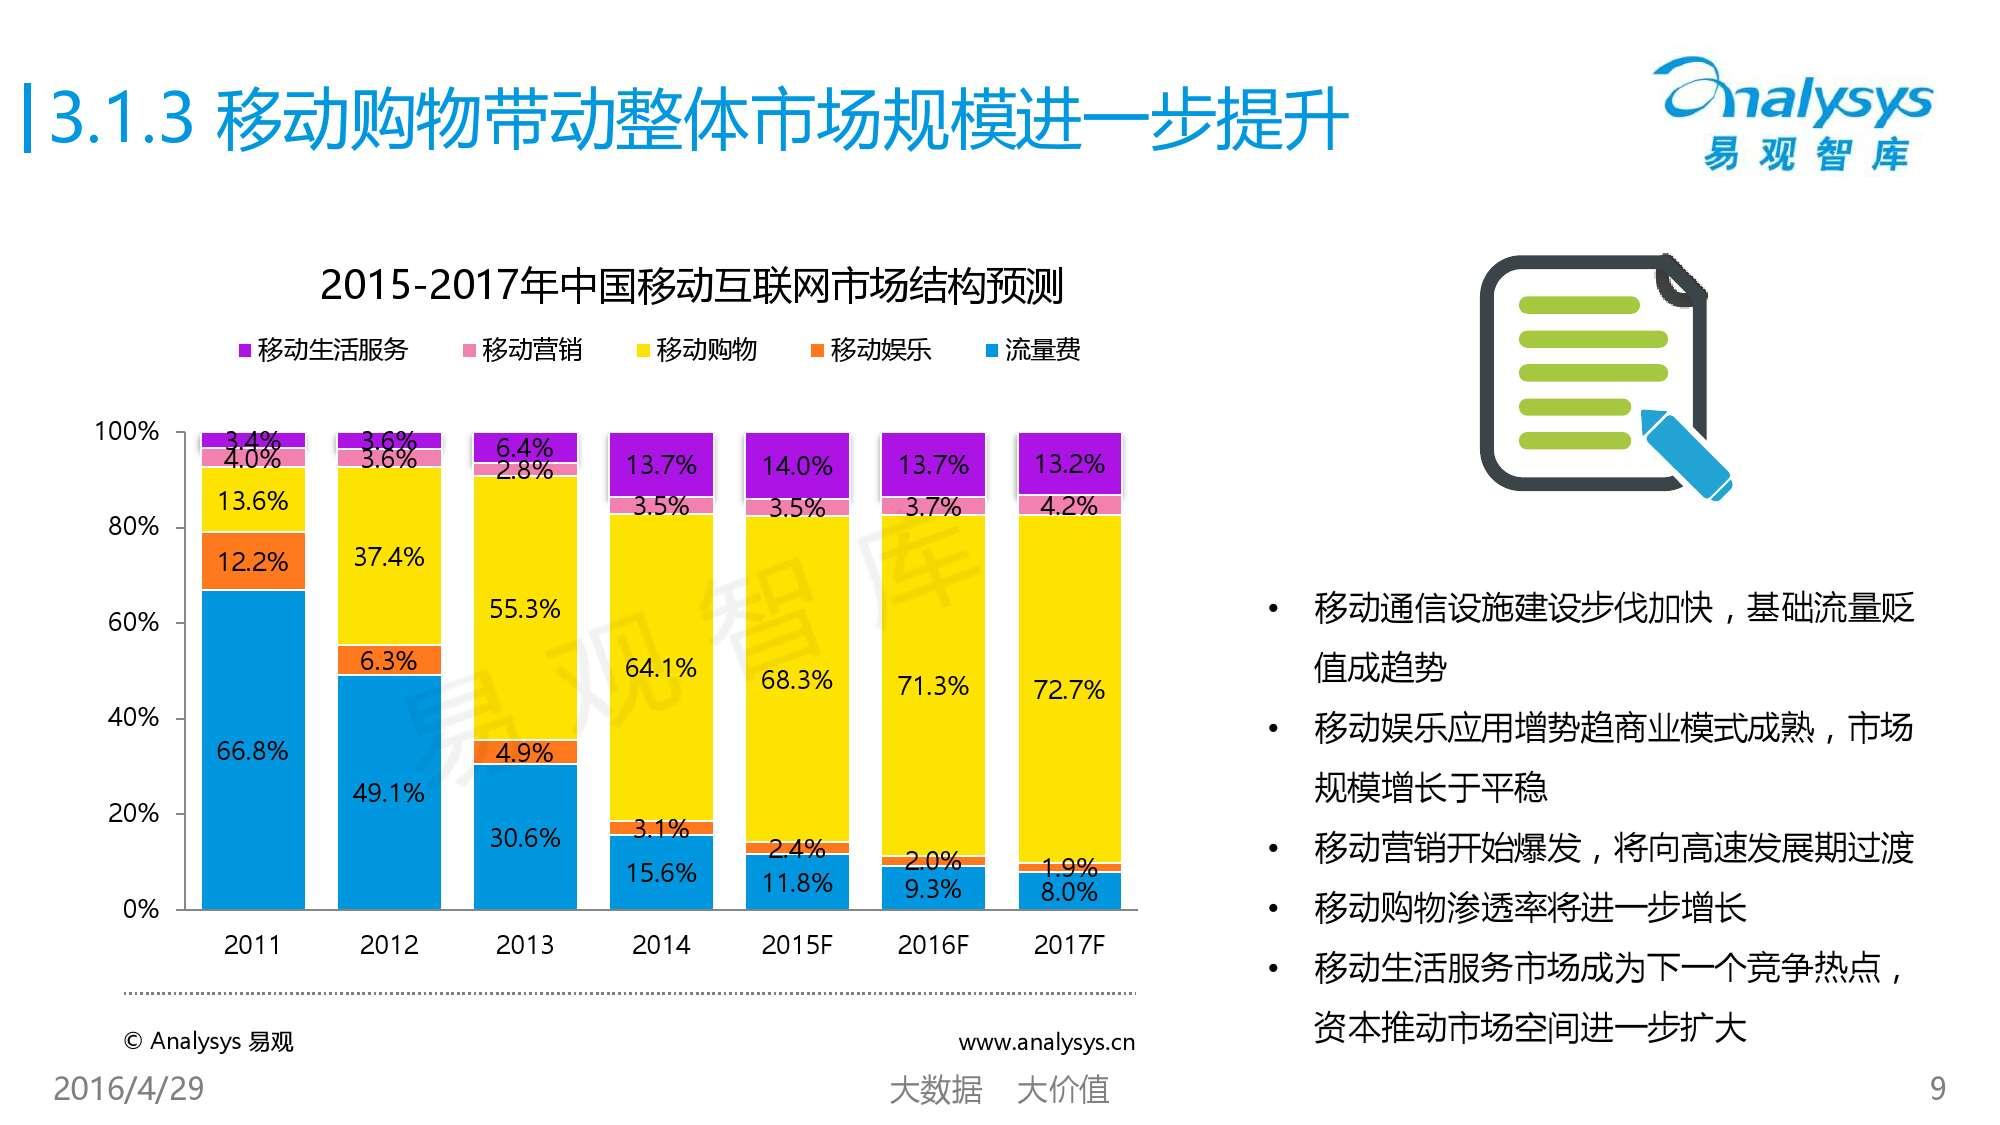 中国移动互联网用户行为统计报告2016_000009